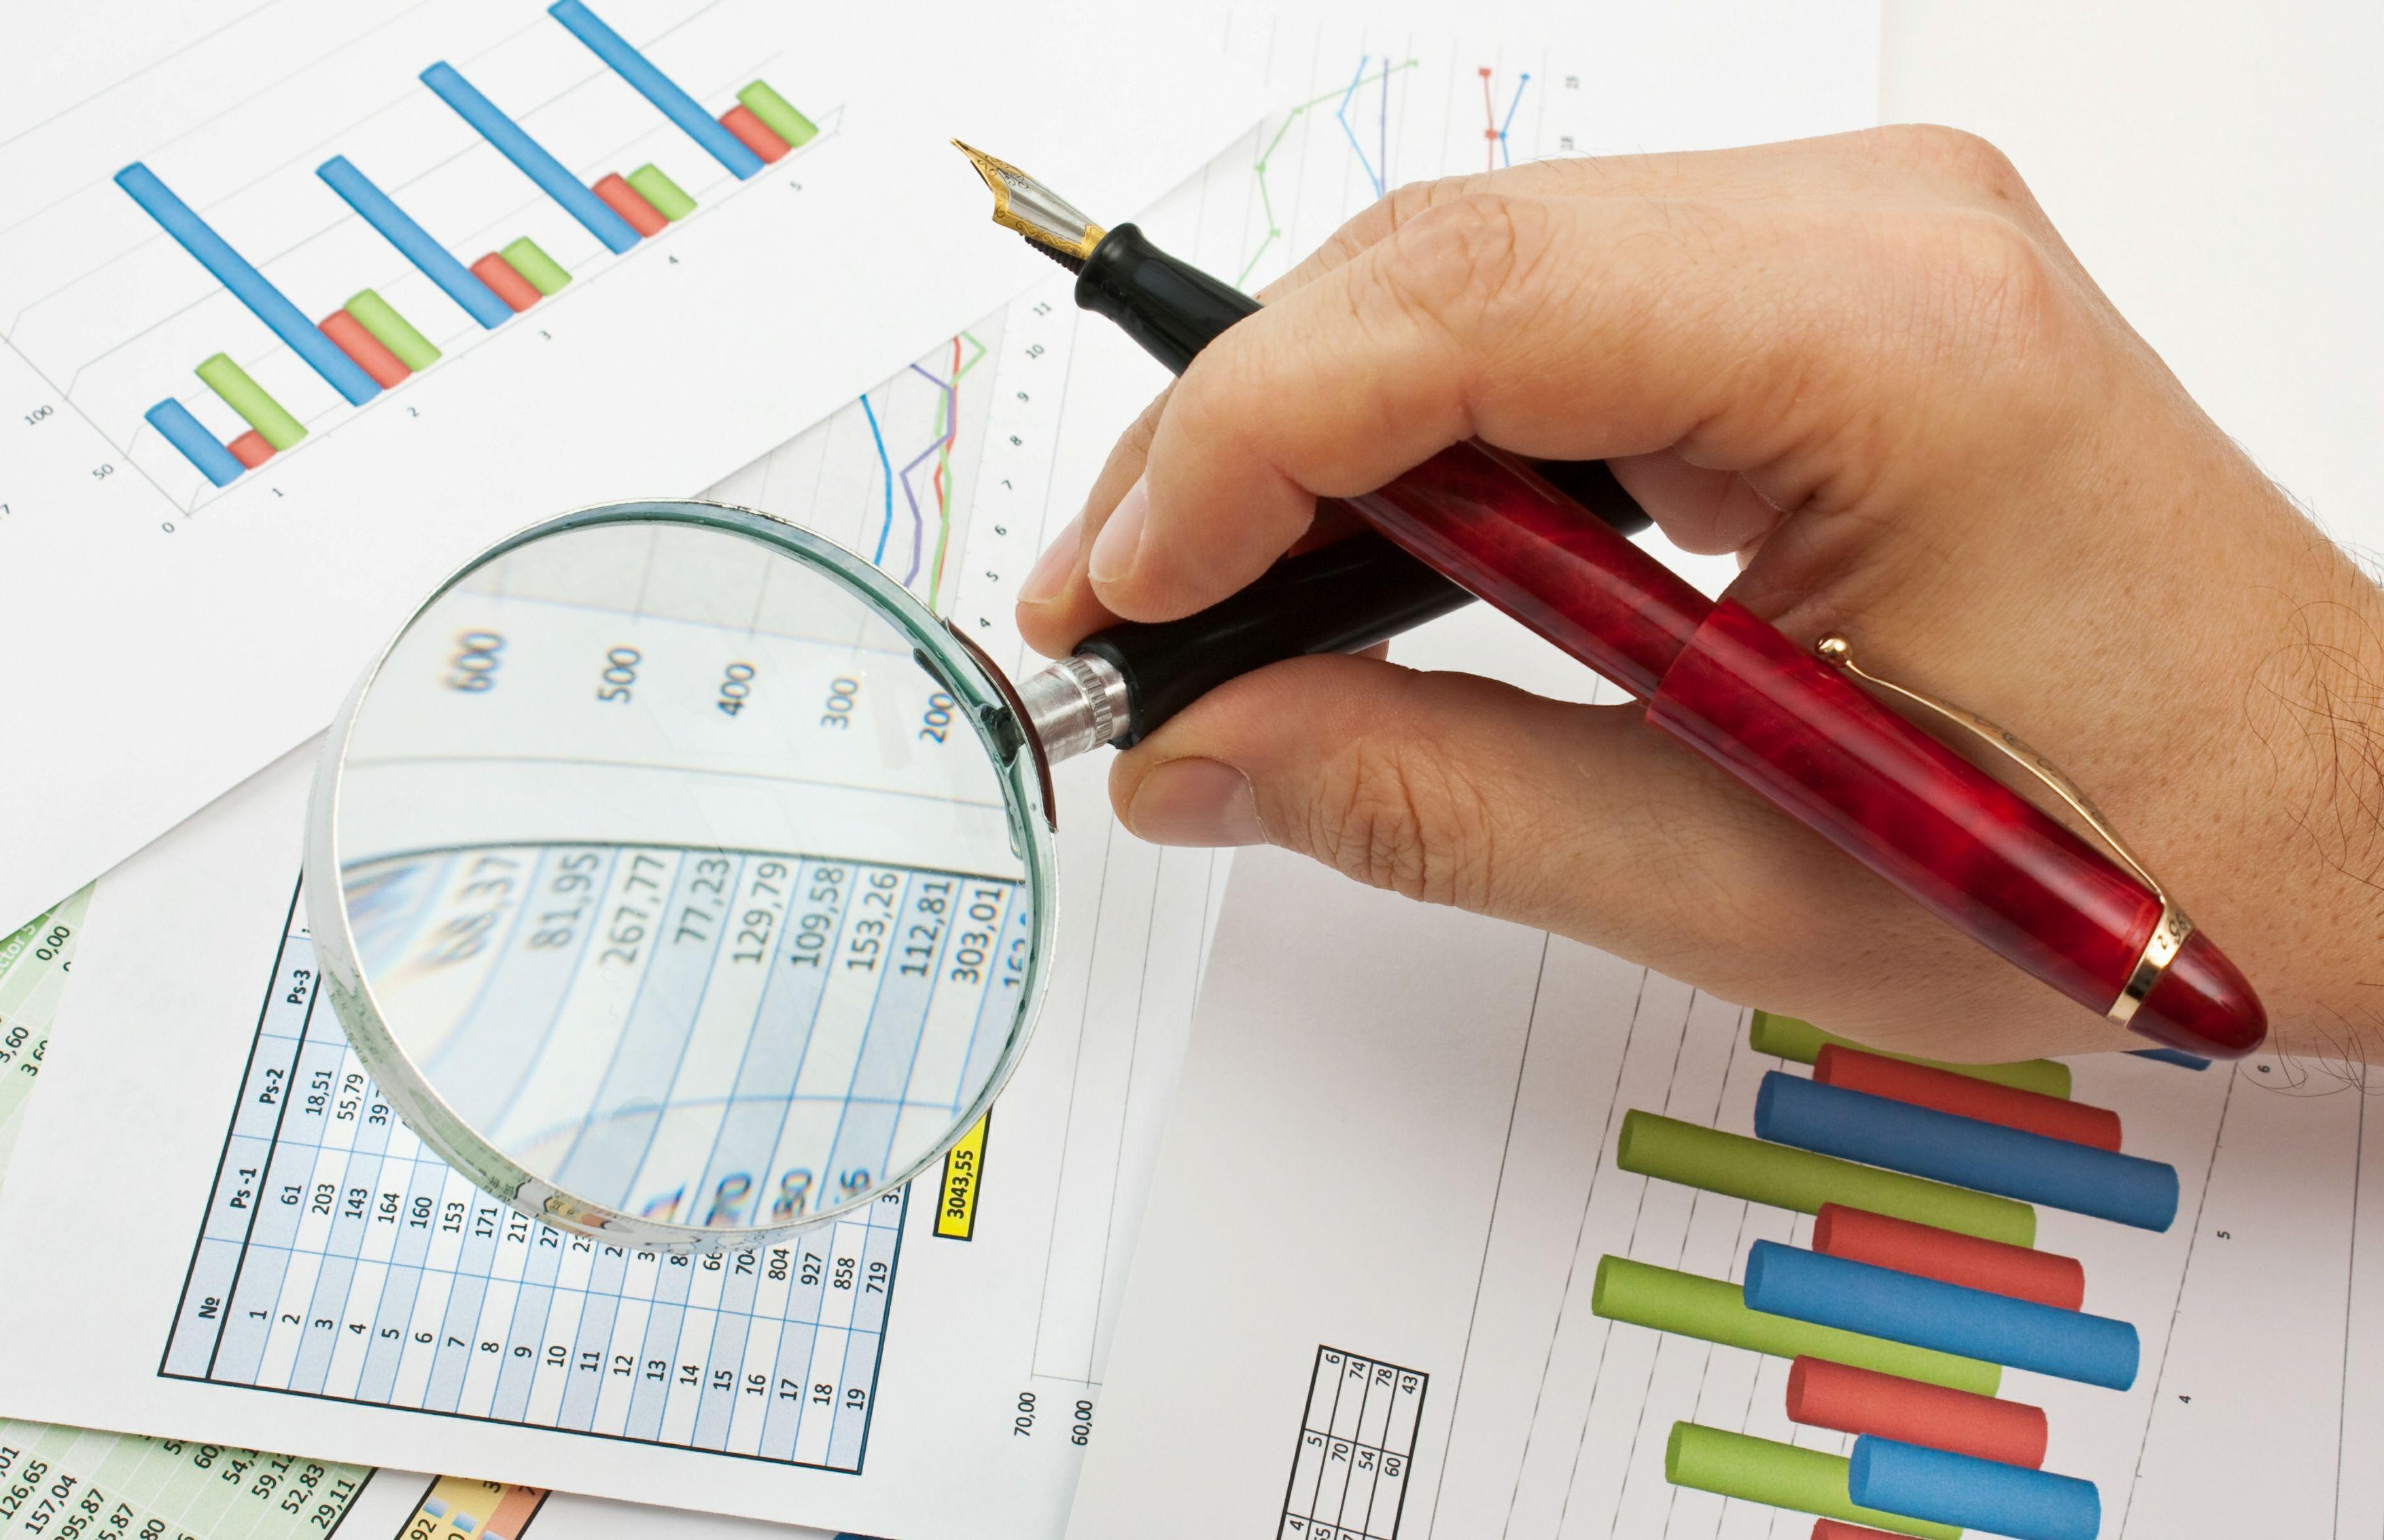 格隆汇港股聚焦(4.15)︱禅游科技明日上市 中国人寿一季度保费收入升12%至2724亿元